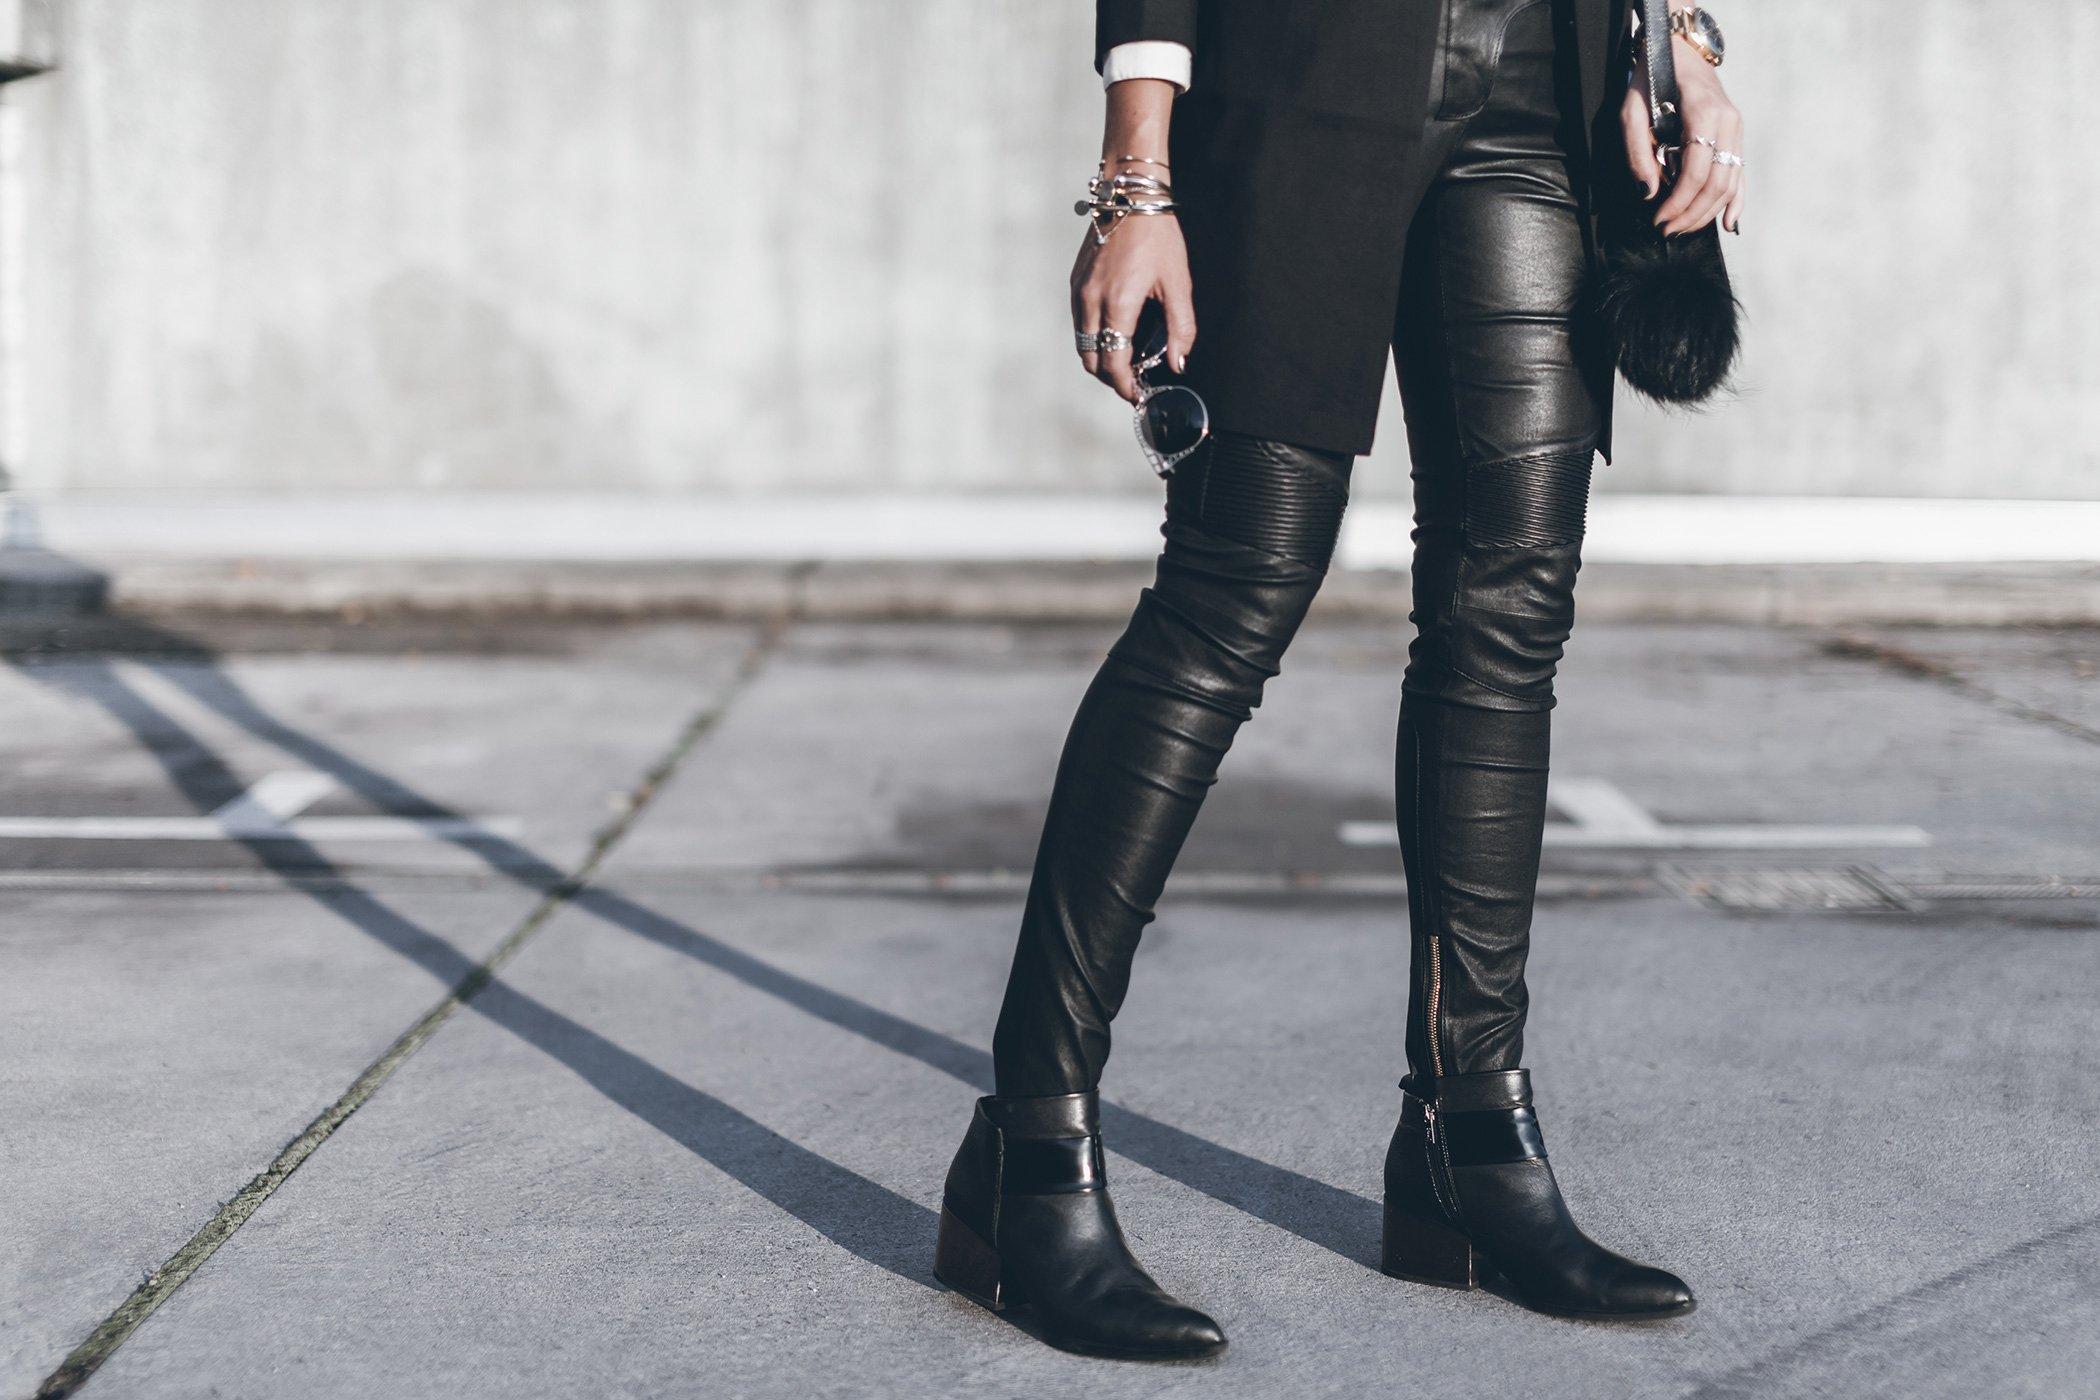 mikuta-vila-coat-and-balmain-pants-11